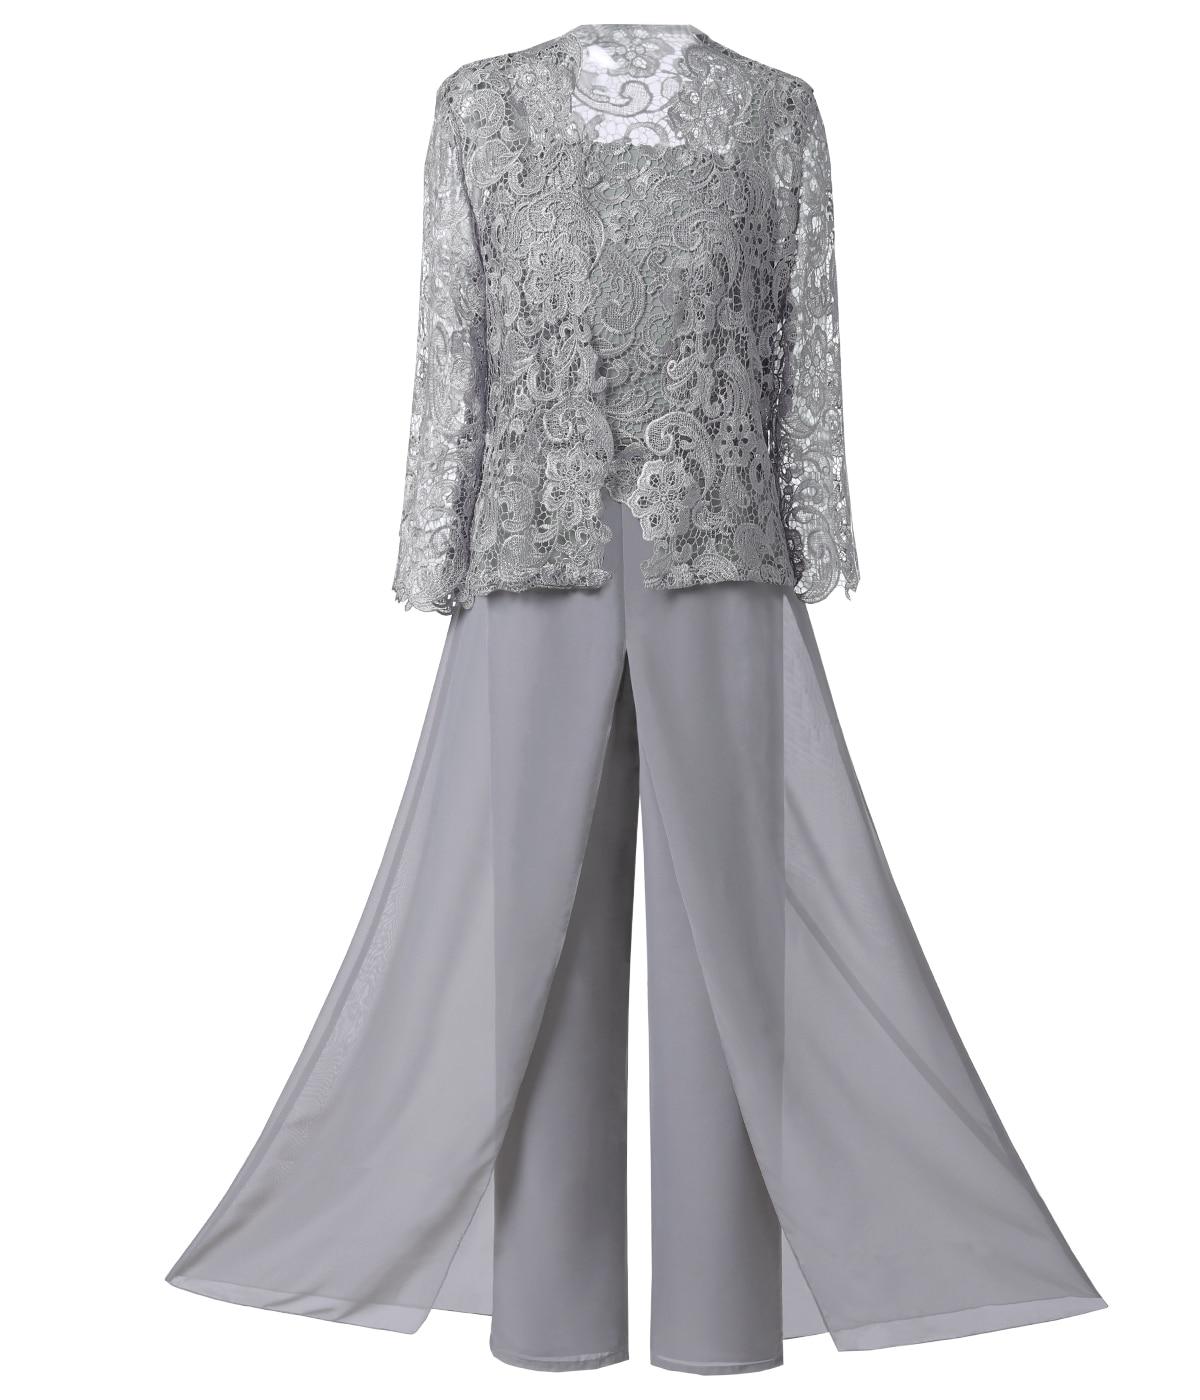 الدانتيل المرأة البدلة 3 قطع الأم Pantsuit مجموعات أنيقة الصلبة قميص طويل الأكمام مع سترة الإناث حجم كبير لحفل الزفاف